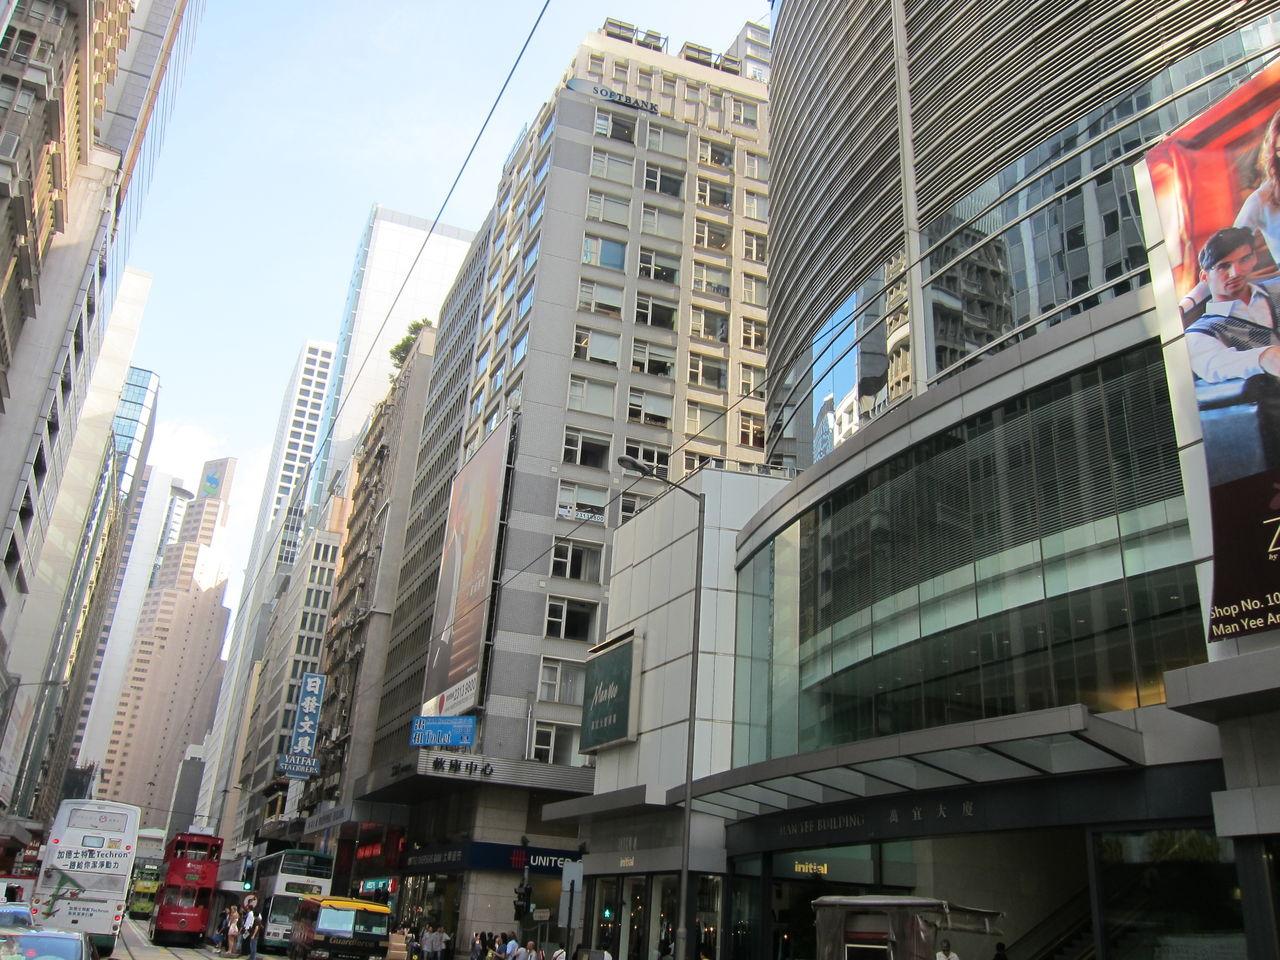 ≪香港街中≫≪観光≫しかし、契約の為に一旦建物の中に入ってしますと、冷房... アメジスト香港